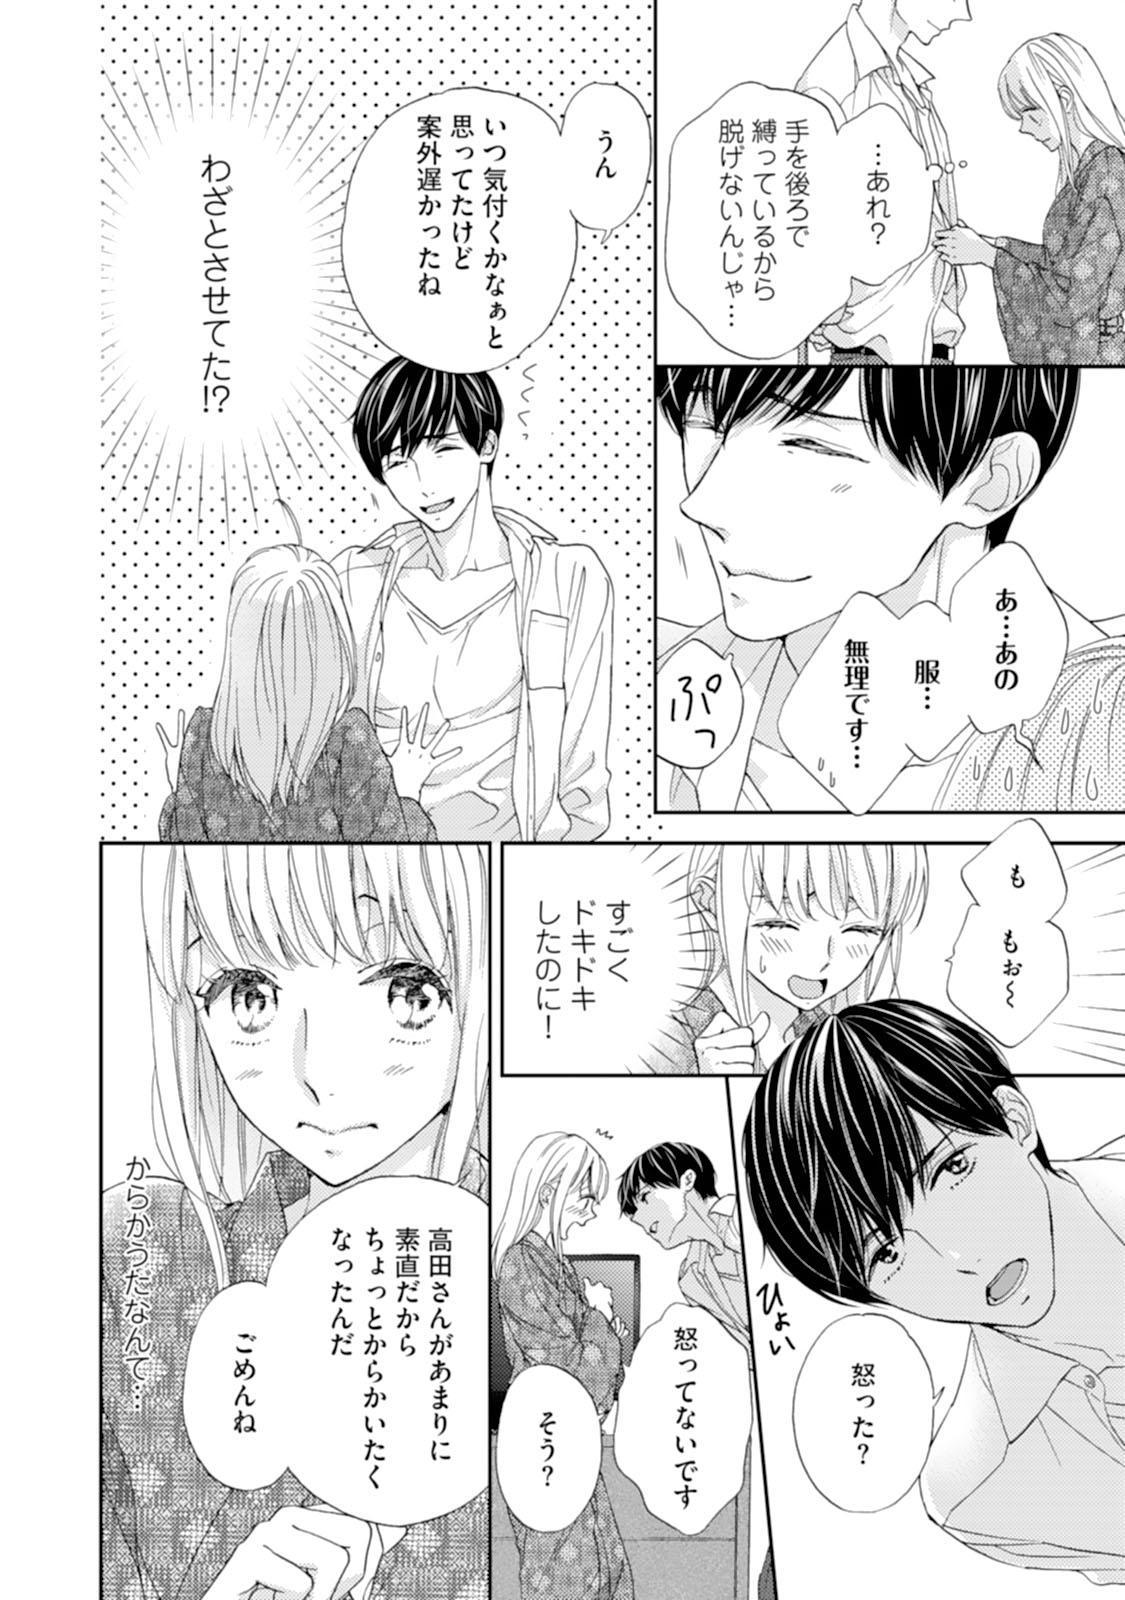 [Adumi Yuu] Choukyou-kei Danshi Ookami-sama to Koneko-chan Ch. 1-3 19